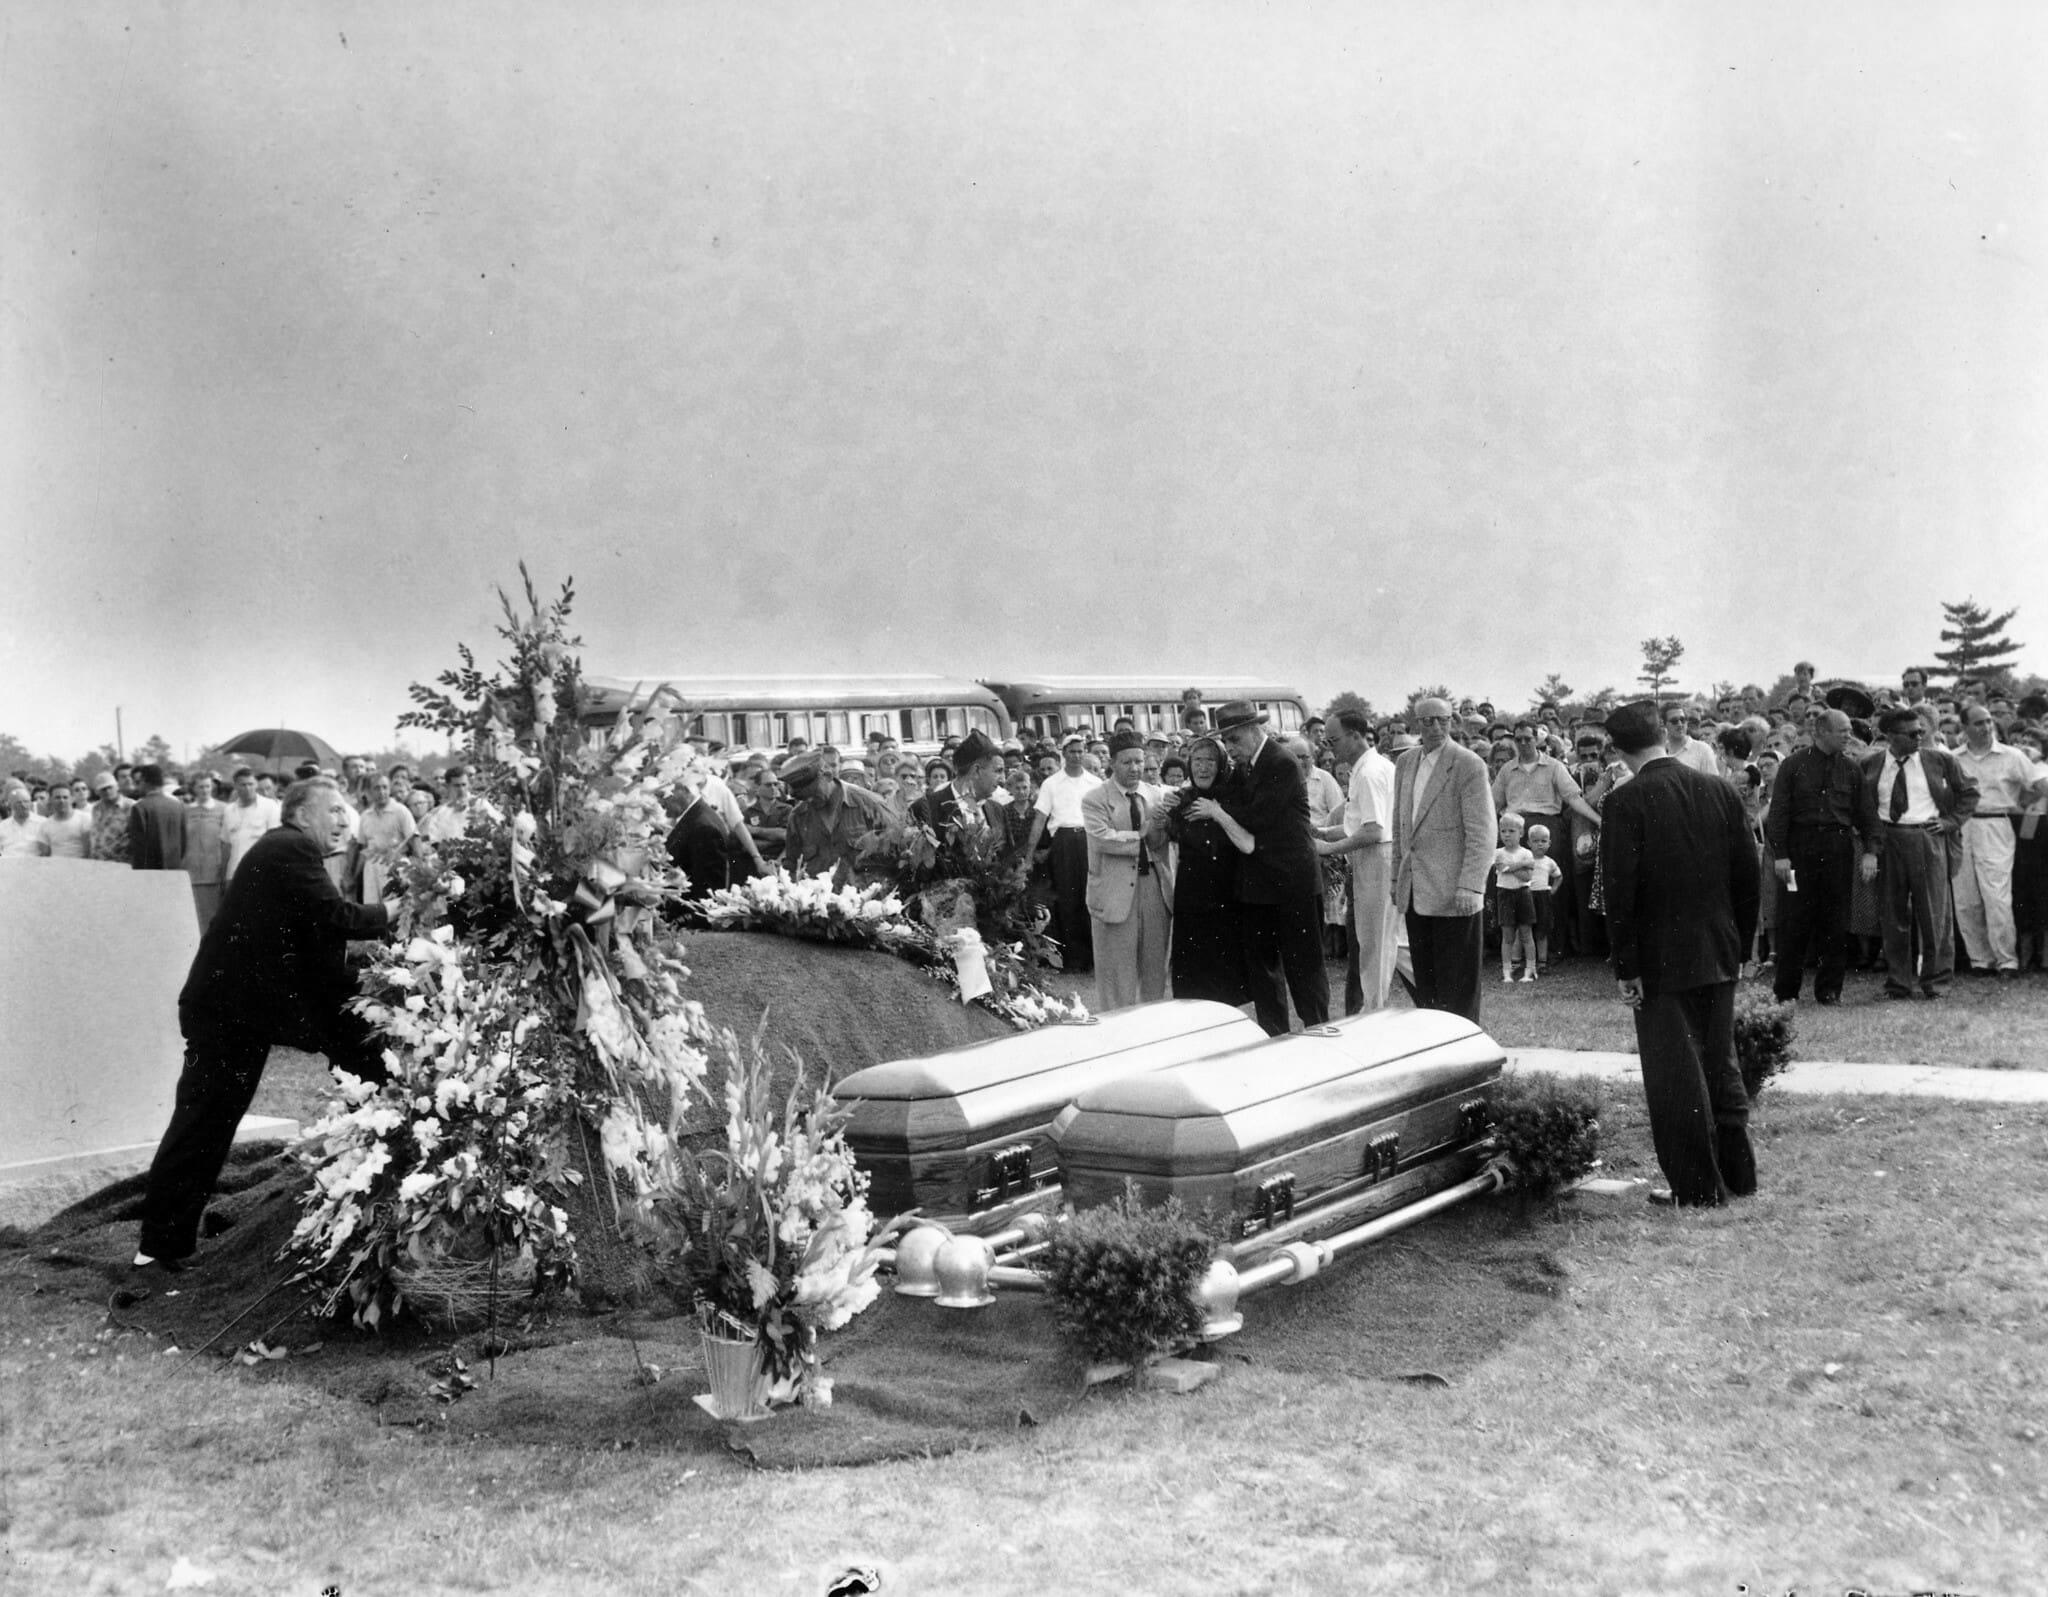 פרקליט ההגנה עמונאל בלוך, מנחם את סופי רוזנברג בזמן שהיא מביטה על ארונות הקבורה של בנה וכלתה, יוליוס ואתל רוזנברג, במהלך טקס הלוויה שלהם בלונג איילנד, 21 ביוני 1953 (צילום: AP)